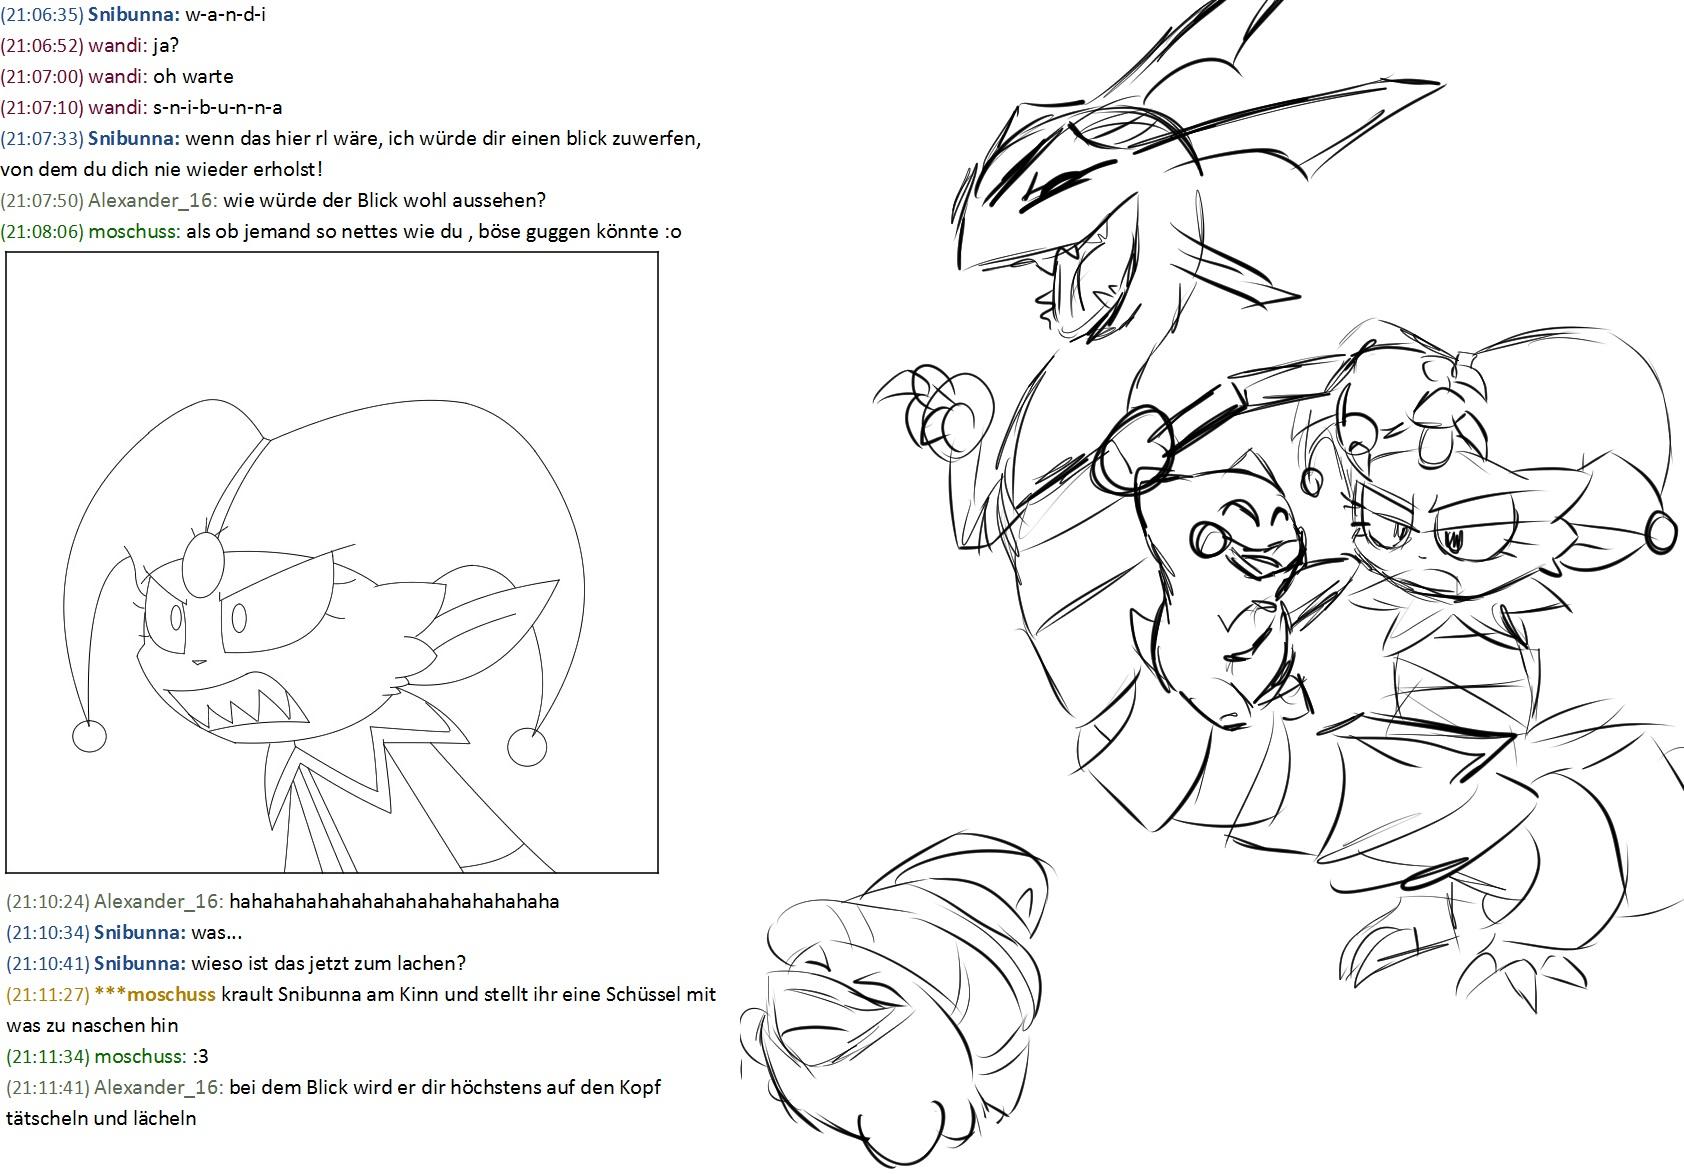 Pokémon-Zeichnung: Extra saugstark